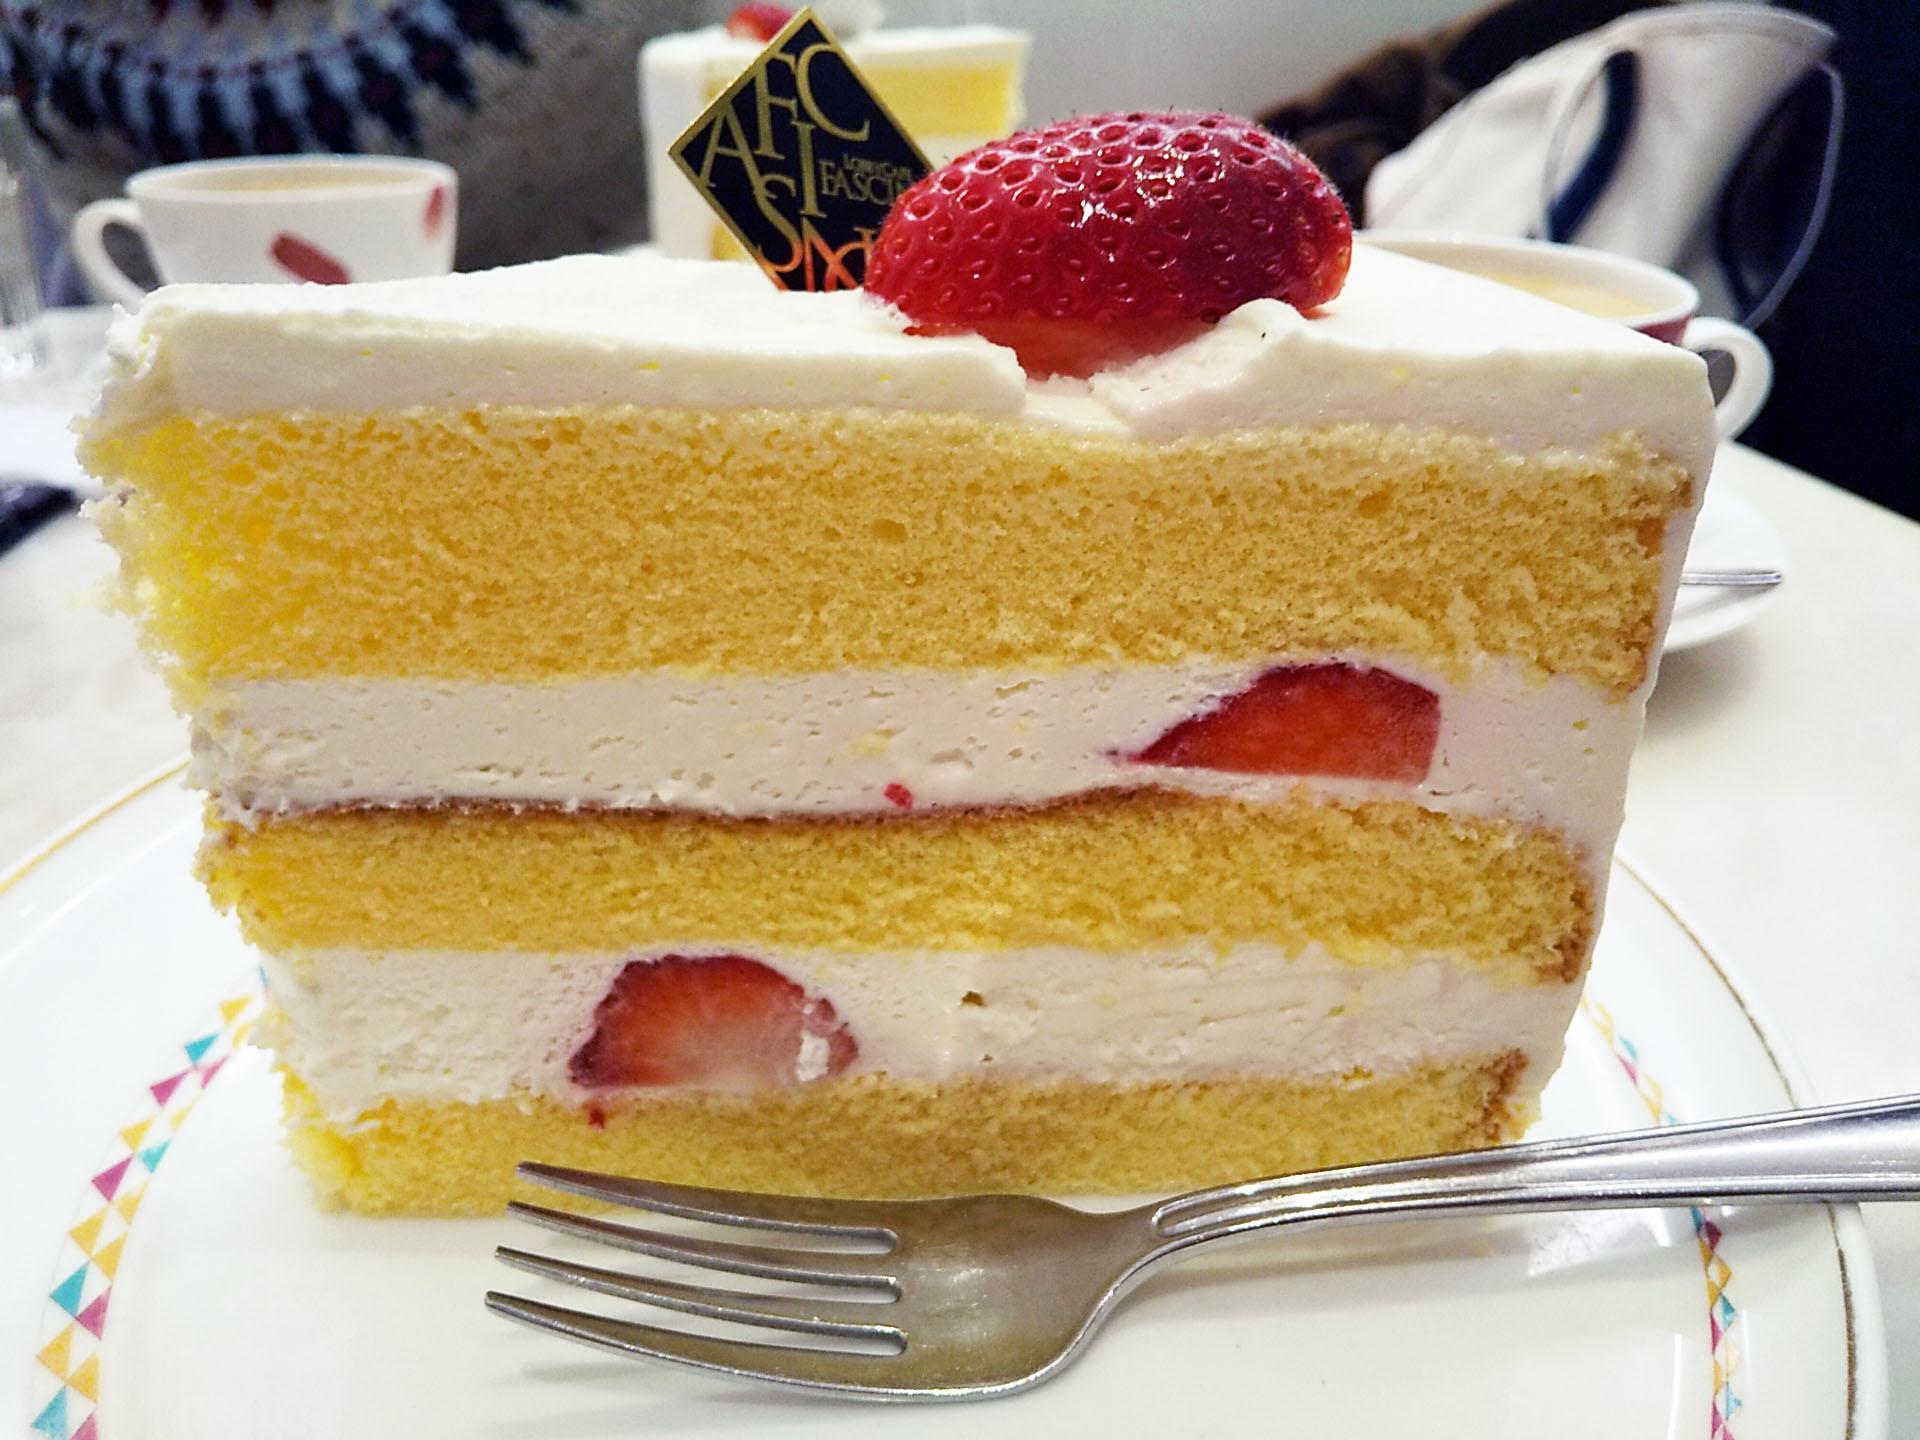 いちごのショートケーキが大きい!in 難波